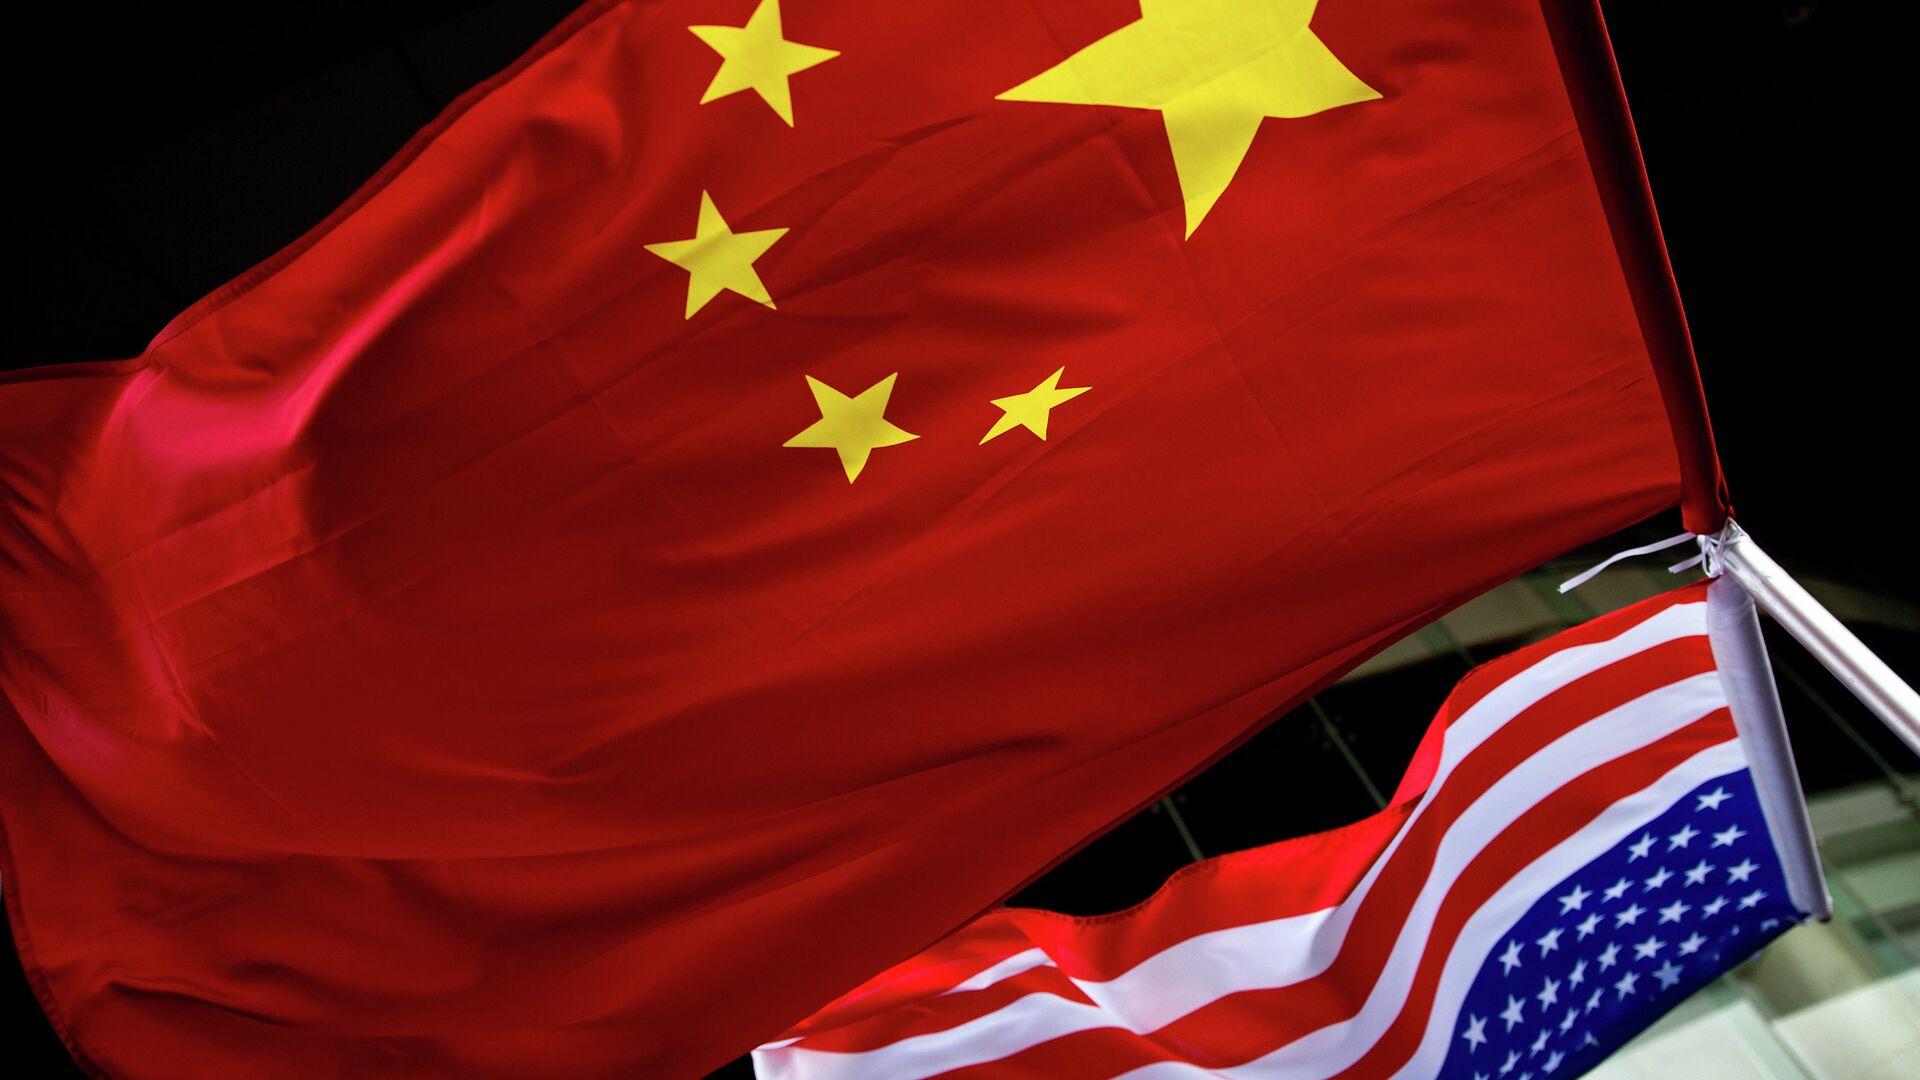 Banderas de China y EEUU - Sputnik Mundo, 1920, 07.03.2021